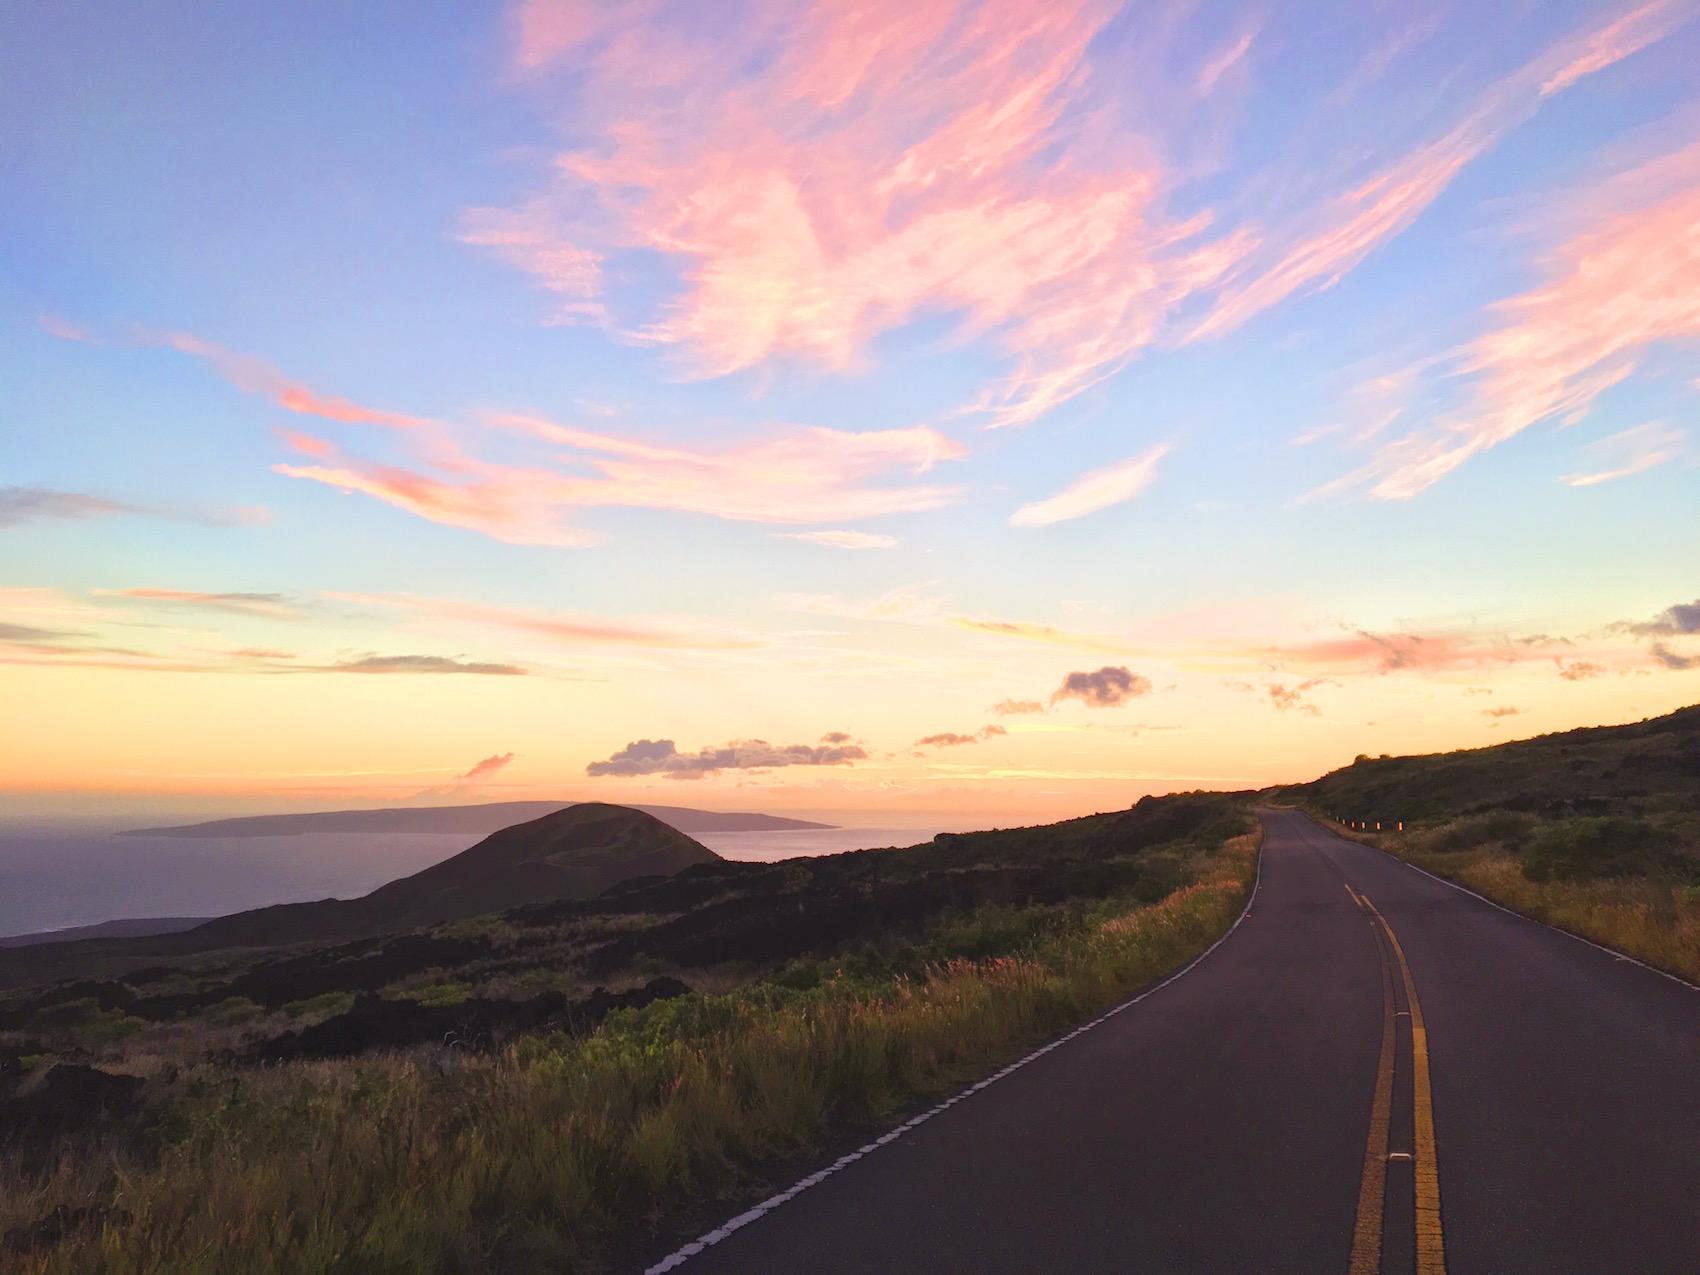 Tramonto sulla strada più bella del mondo Road to hana di Maui - Hawaii.jpg